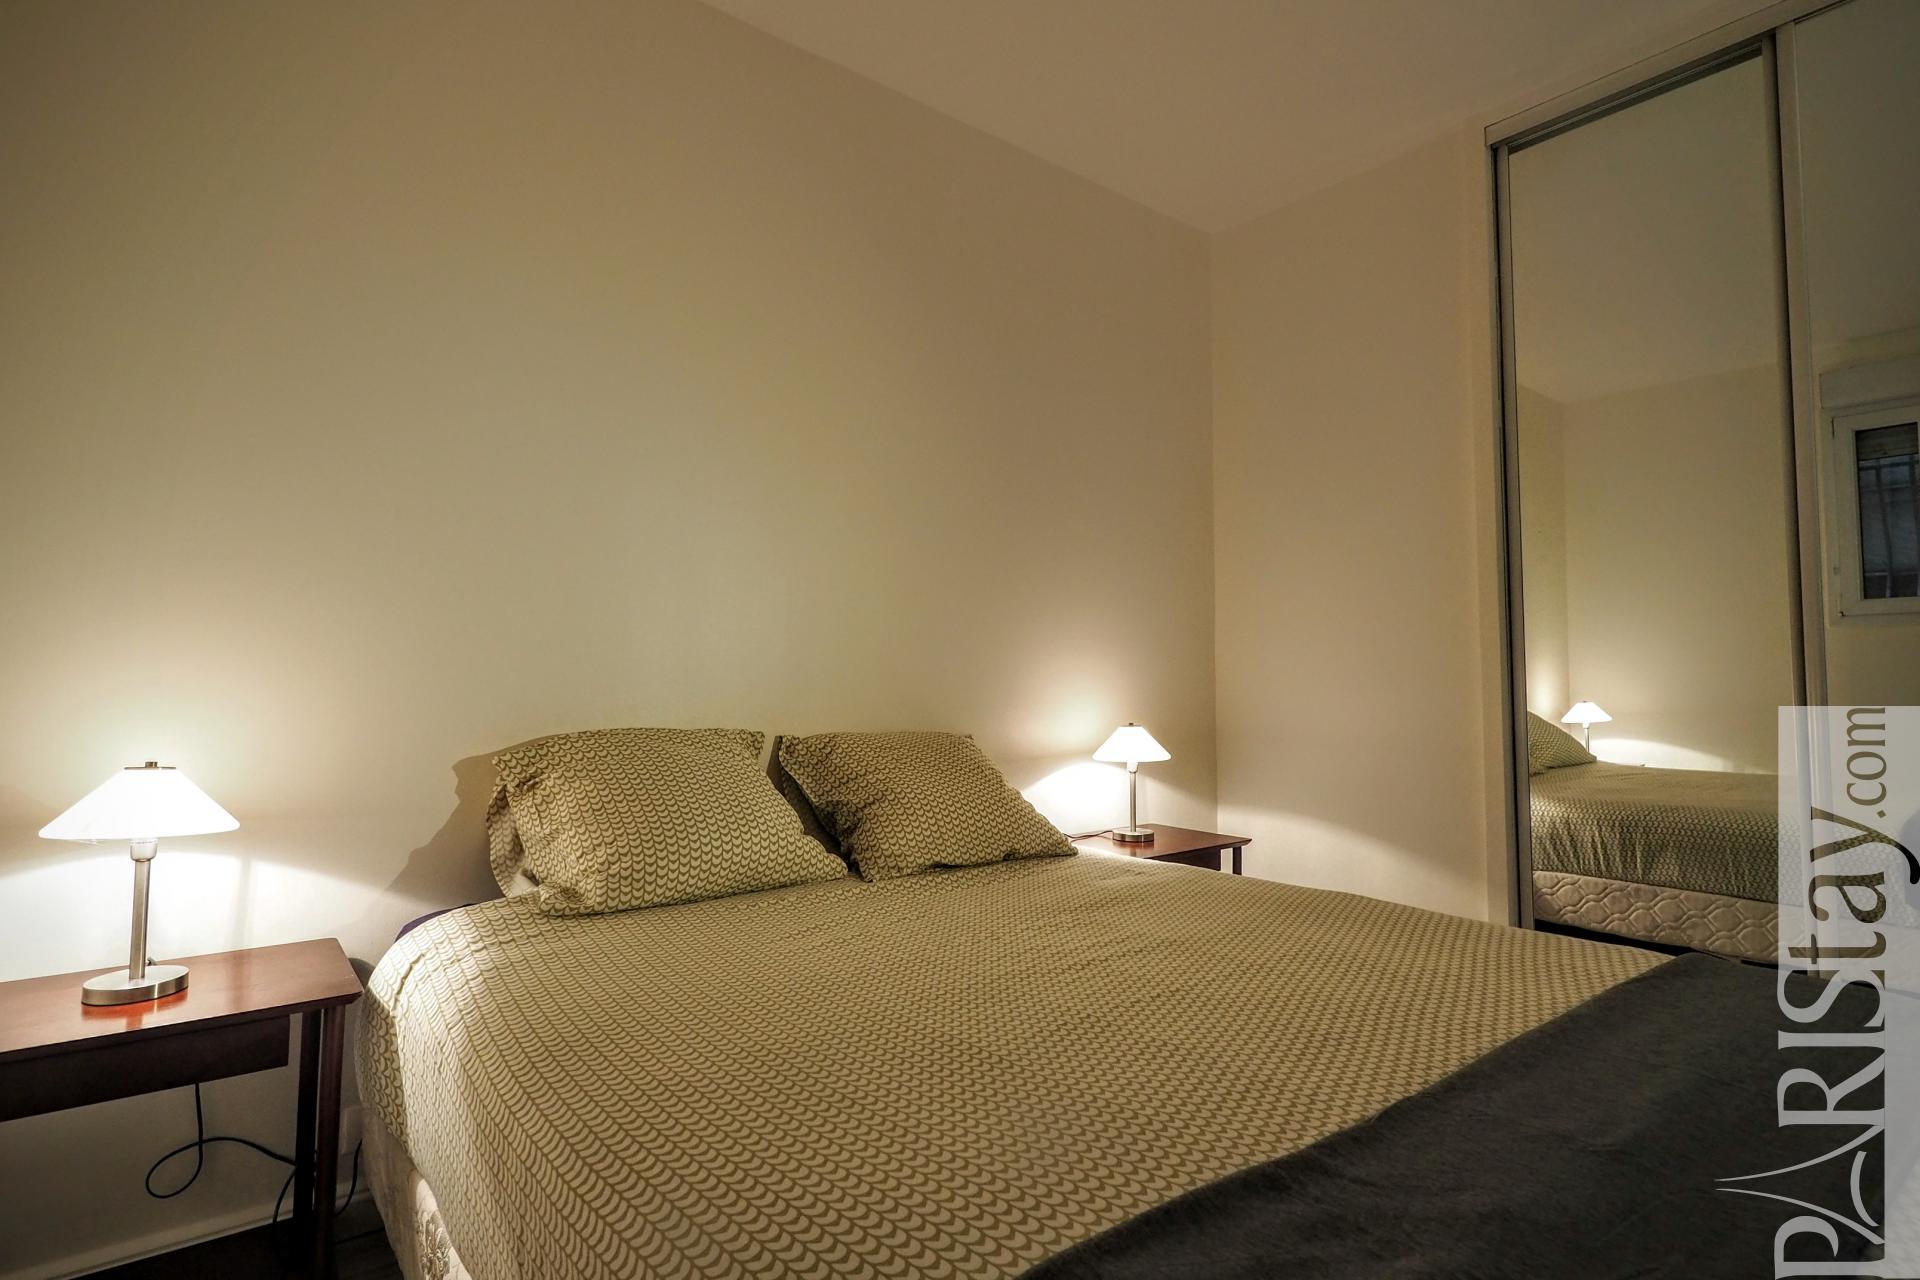 Chambre a coucher wagram pr l vement d - Nouvelle cuisine montreal ...